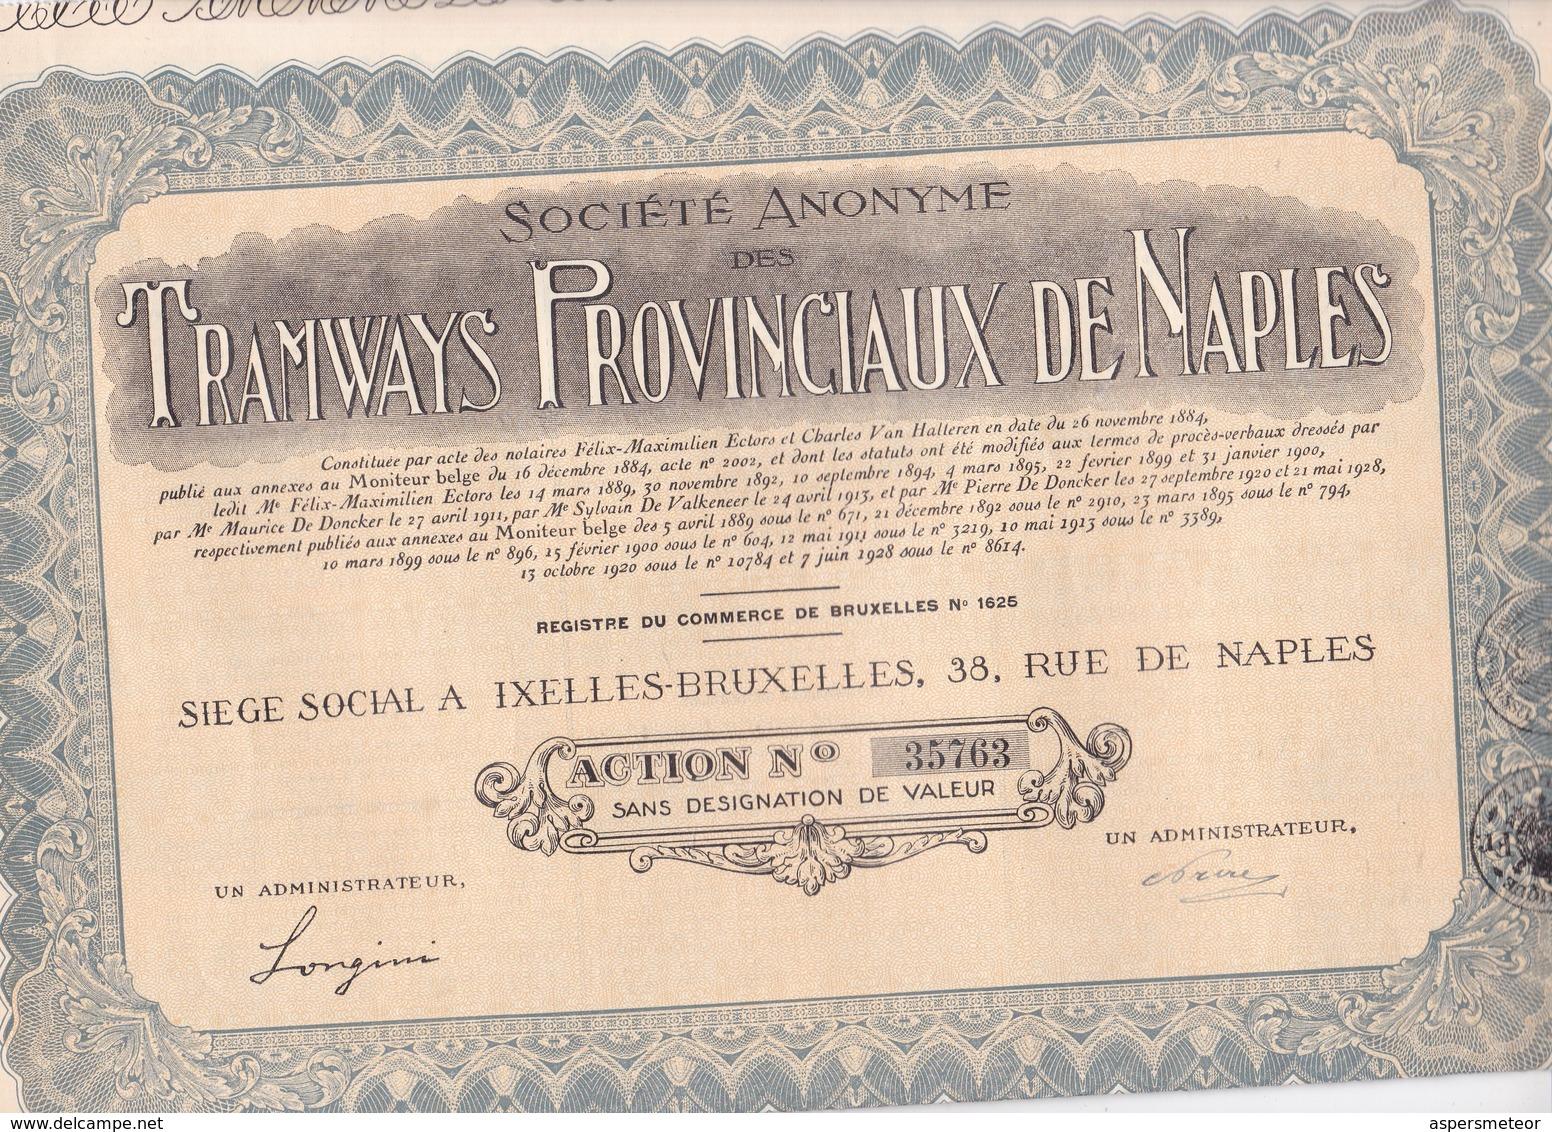 ACCION ACTIONS TRAMWAYS PROVINCIAUX DE NAPLES ACIONS SANS DESIGNATIOND E VALEUR SIGNE. AN 1946-RARE- BLEUP - Chemin De Fer & Tramway